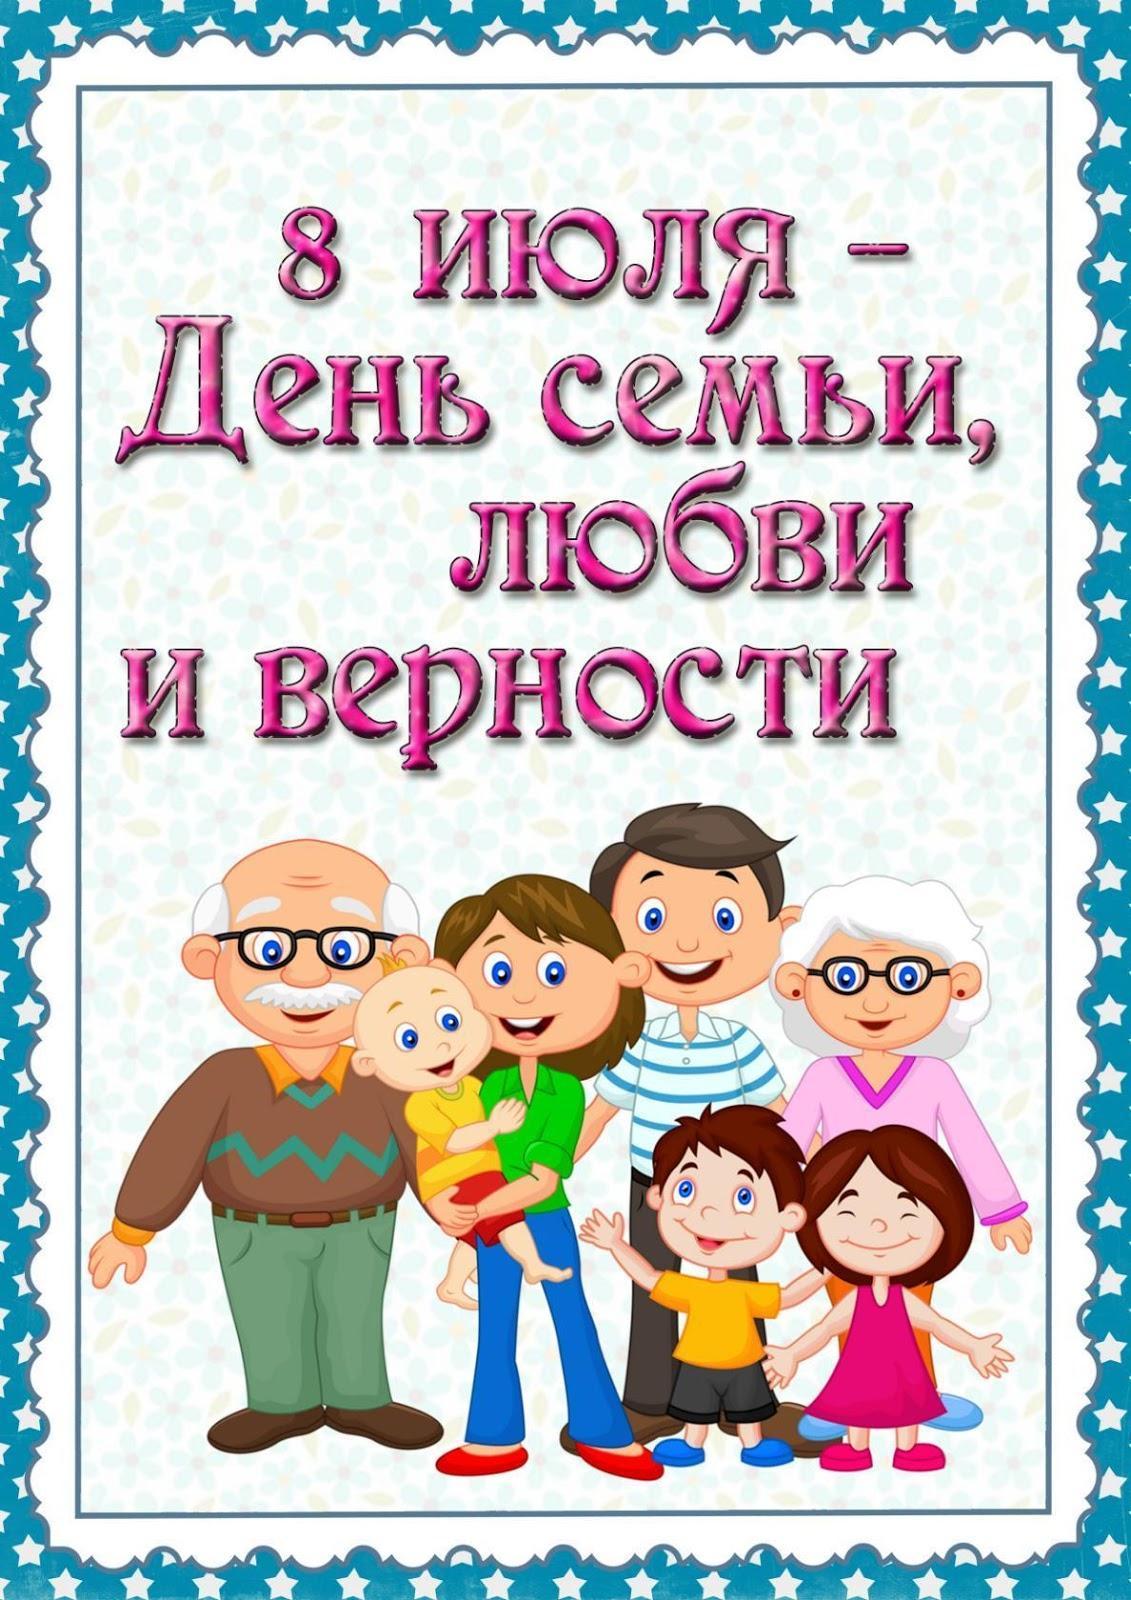 F:\семья на сидим дома\1.jpg